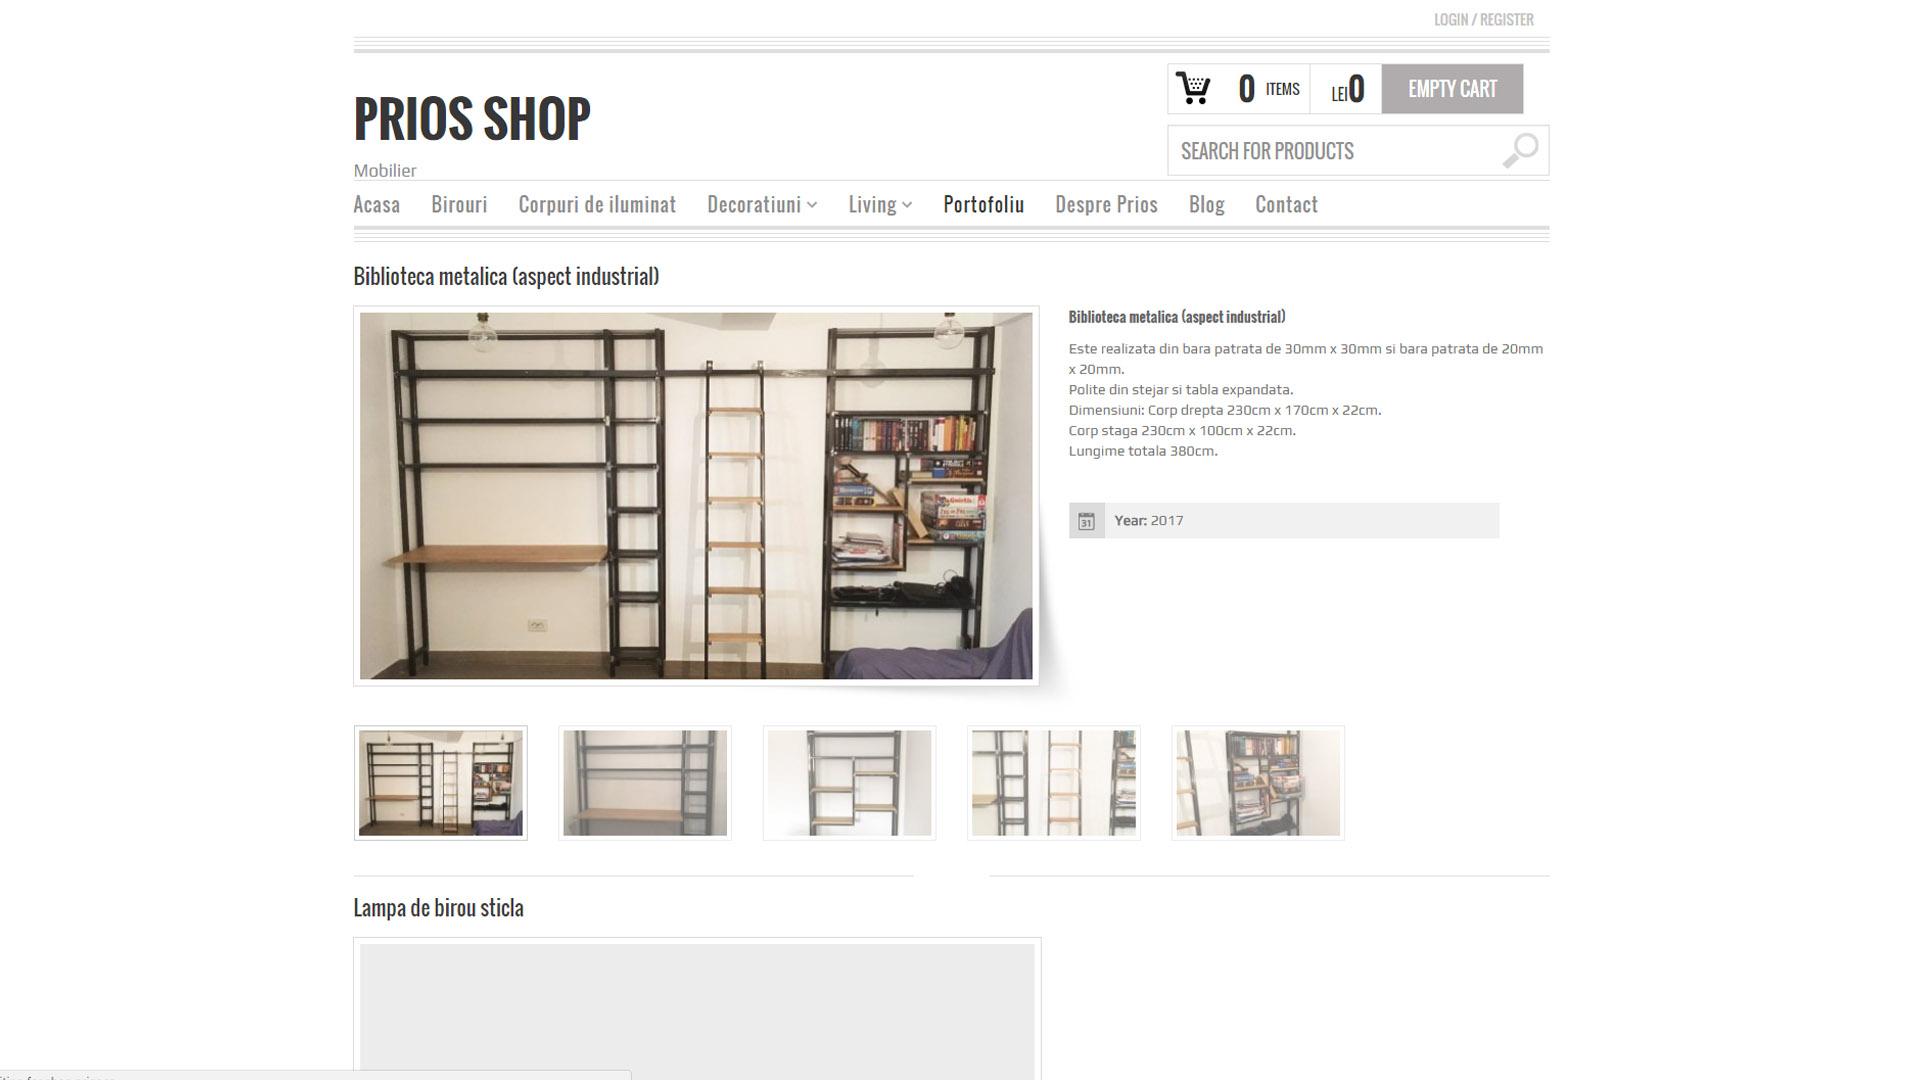 prios shop_02